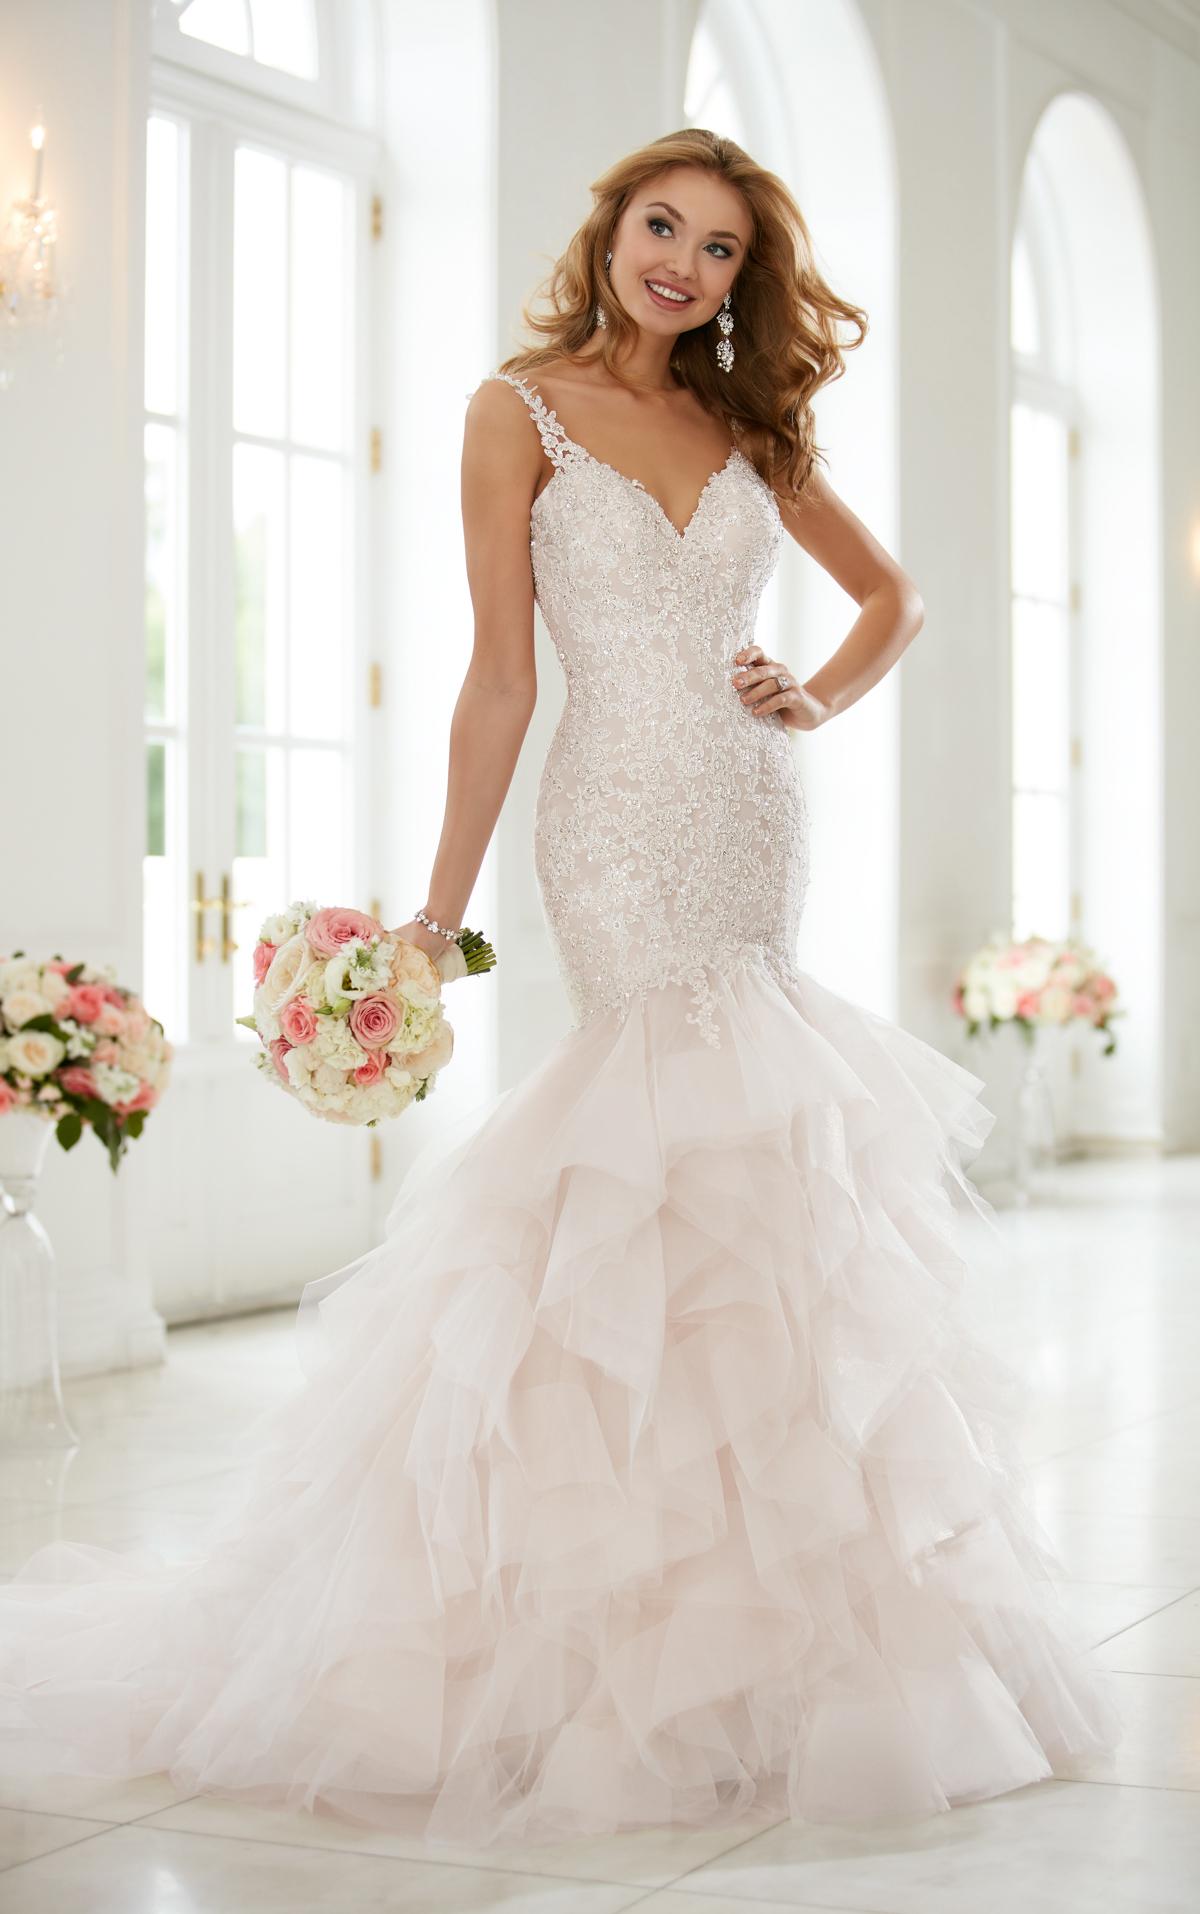 Bridal Dresses Martellen S Dress Bridal Boutique